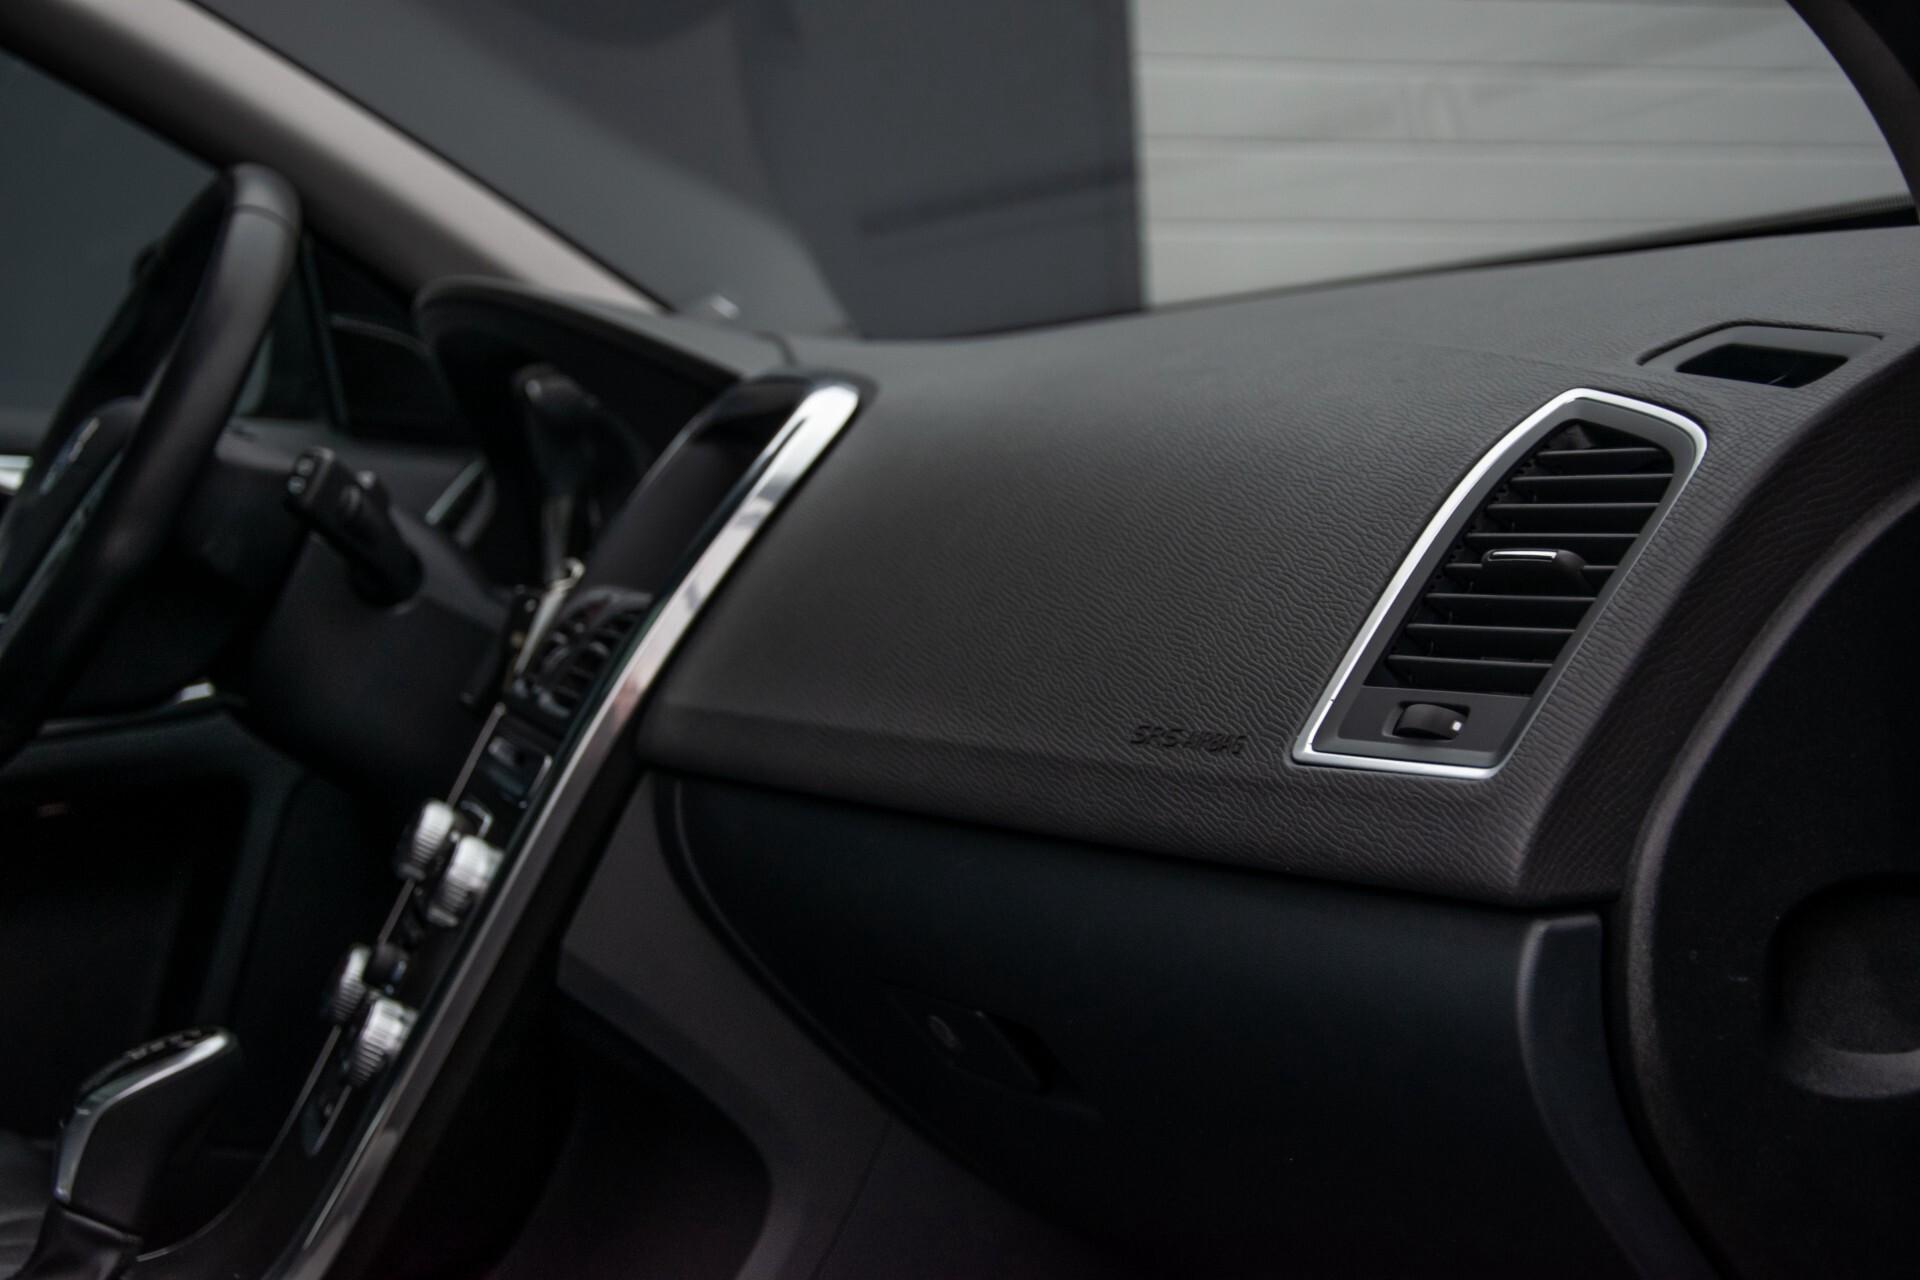 Volvo XC60 2.0 T5 FWD Ocean Race Panorama/Leer/Dealer OH Aut8 Foto 33